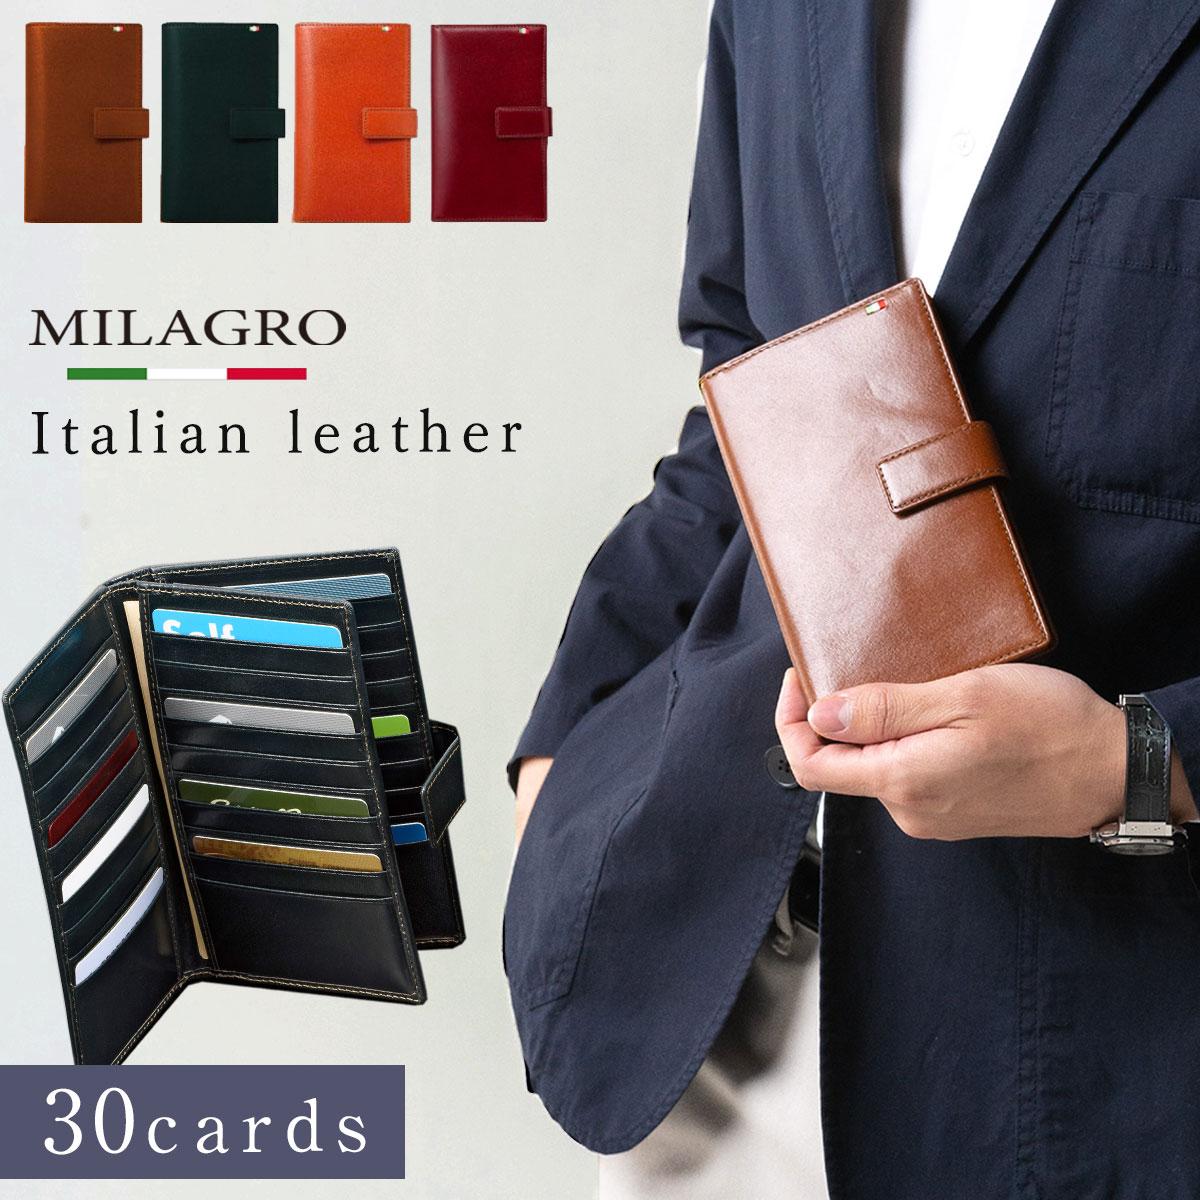 bffa39c24a26 カードケース メンズ財布 革 本革 30枚カード収納財布 イタリアンレザー Milagro ミラグロ